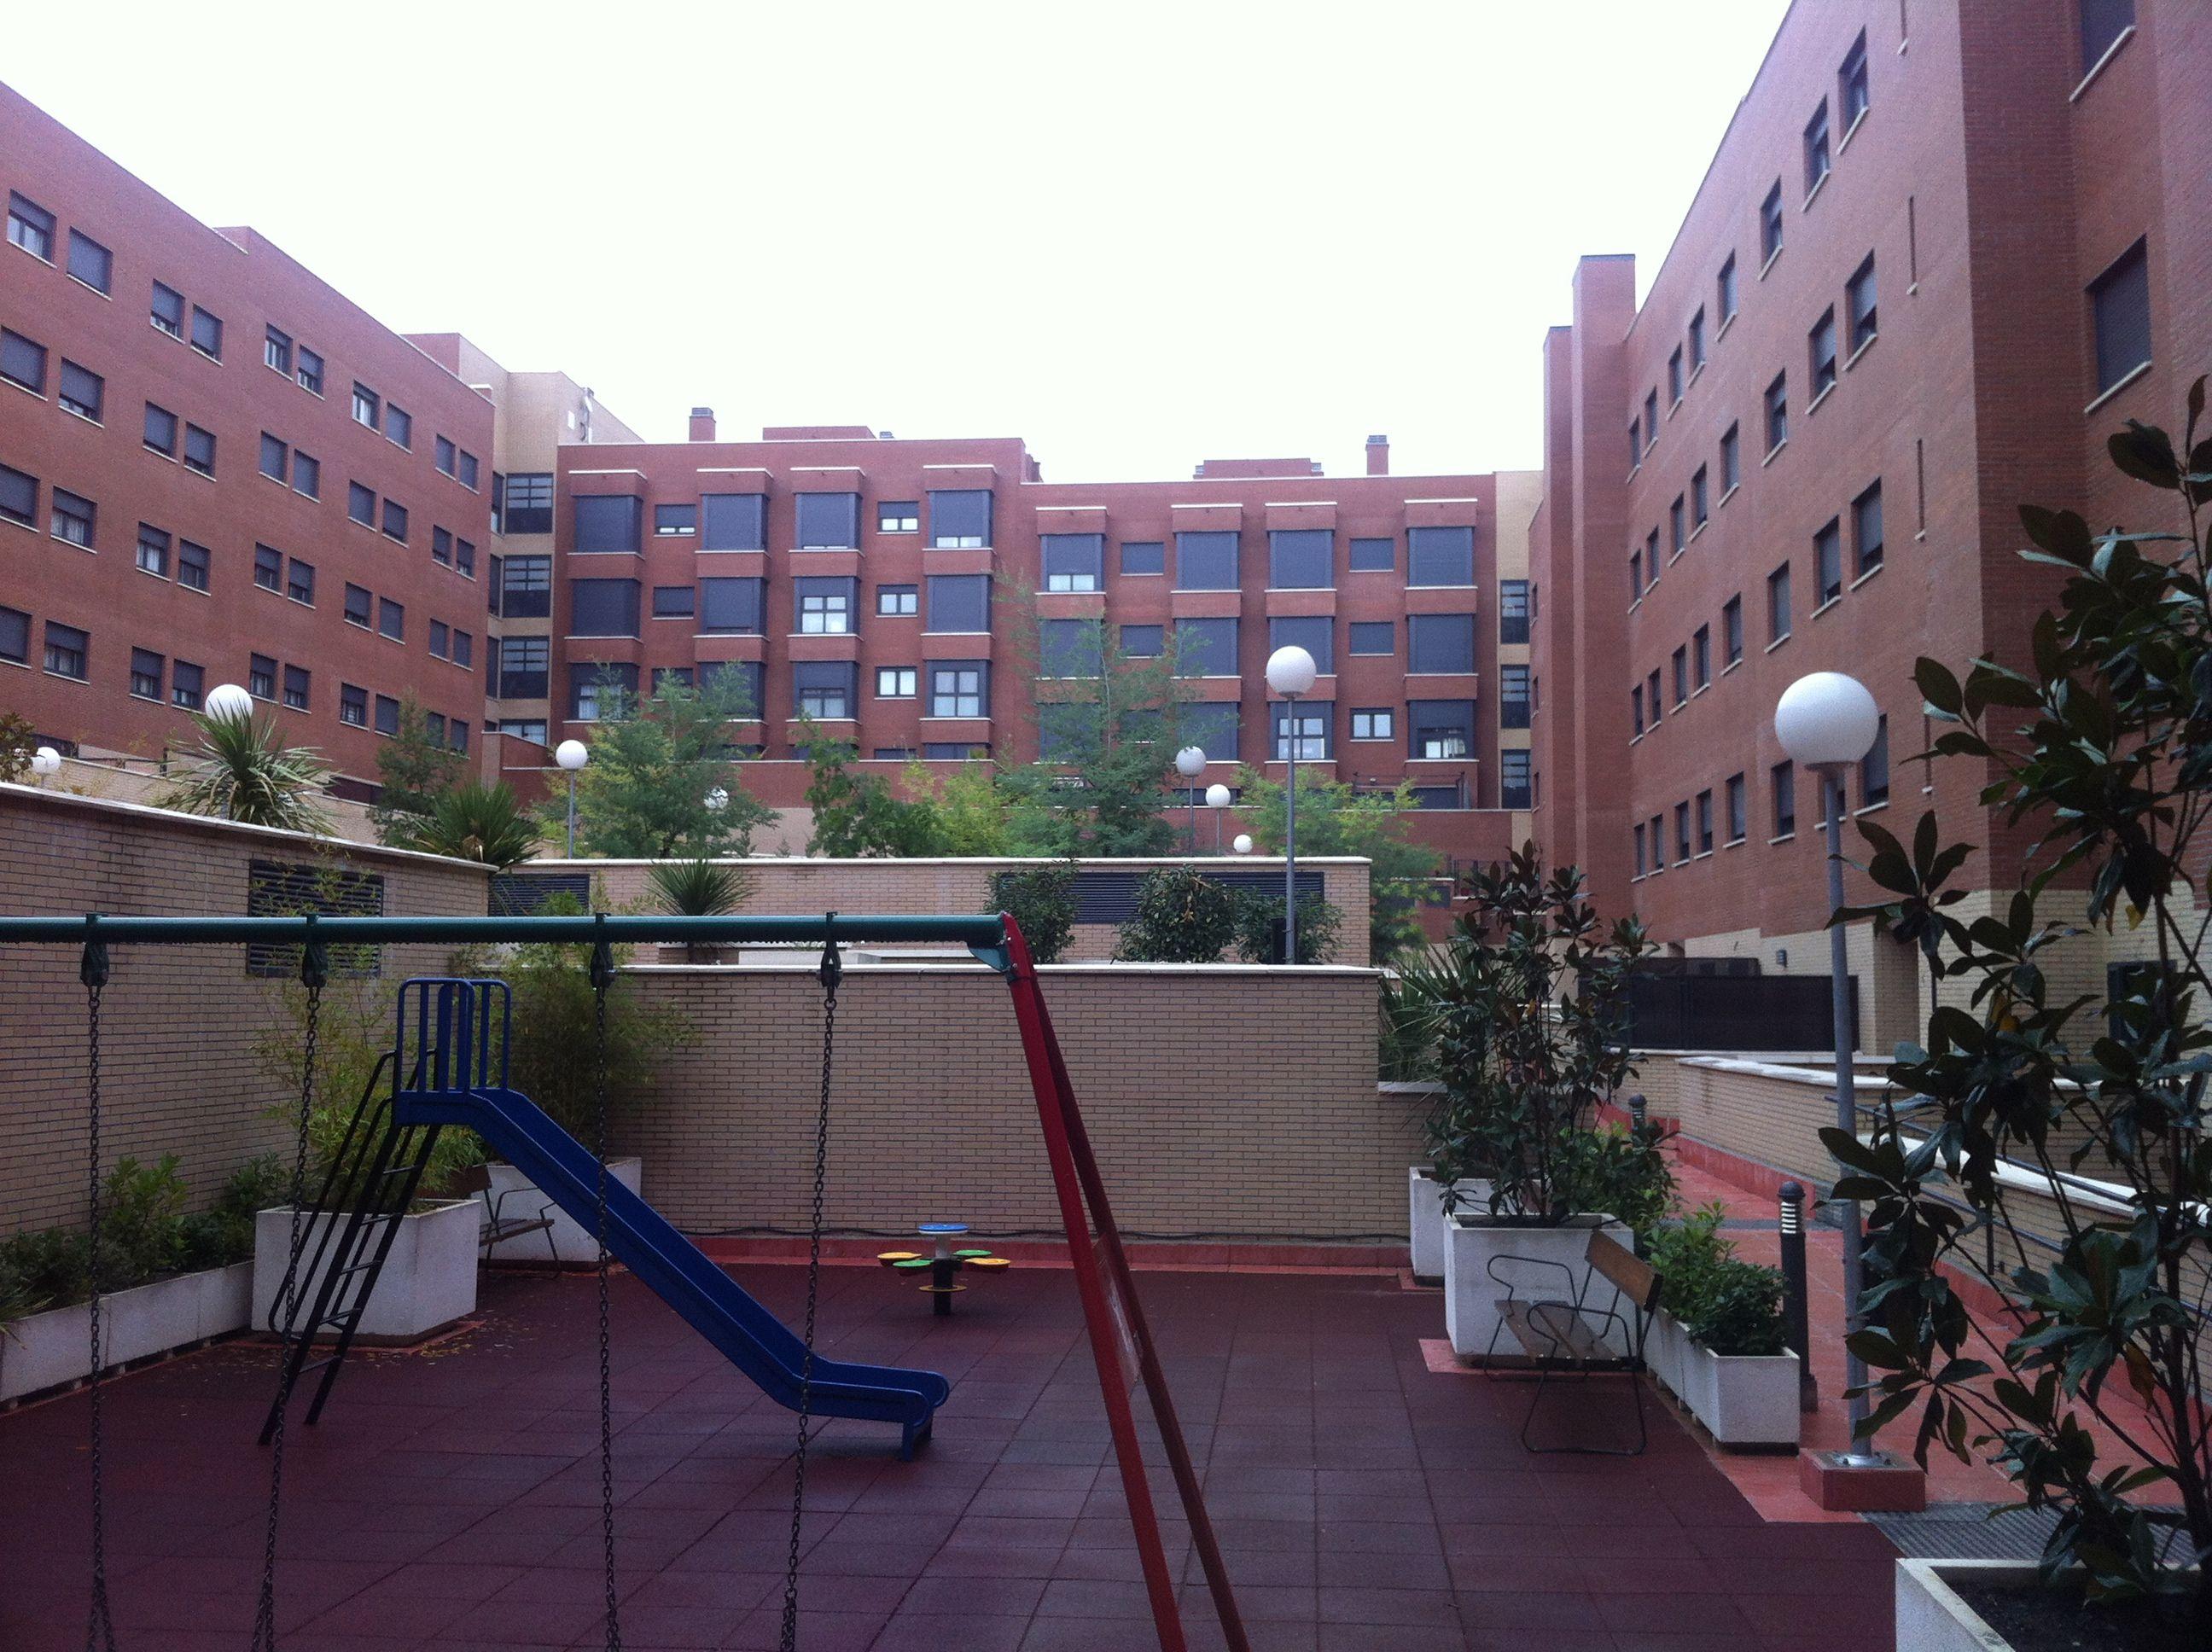 154 viviendas en Getafe, Buenavista